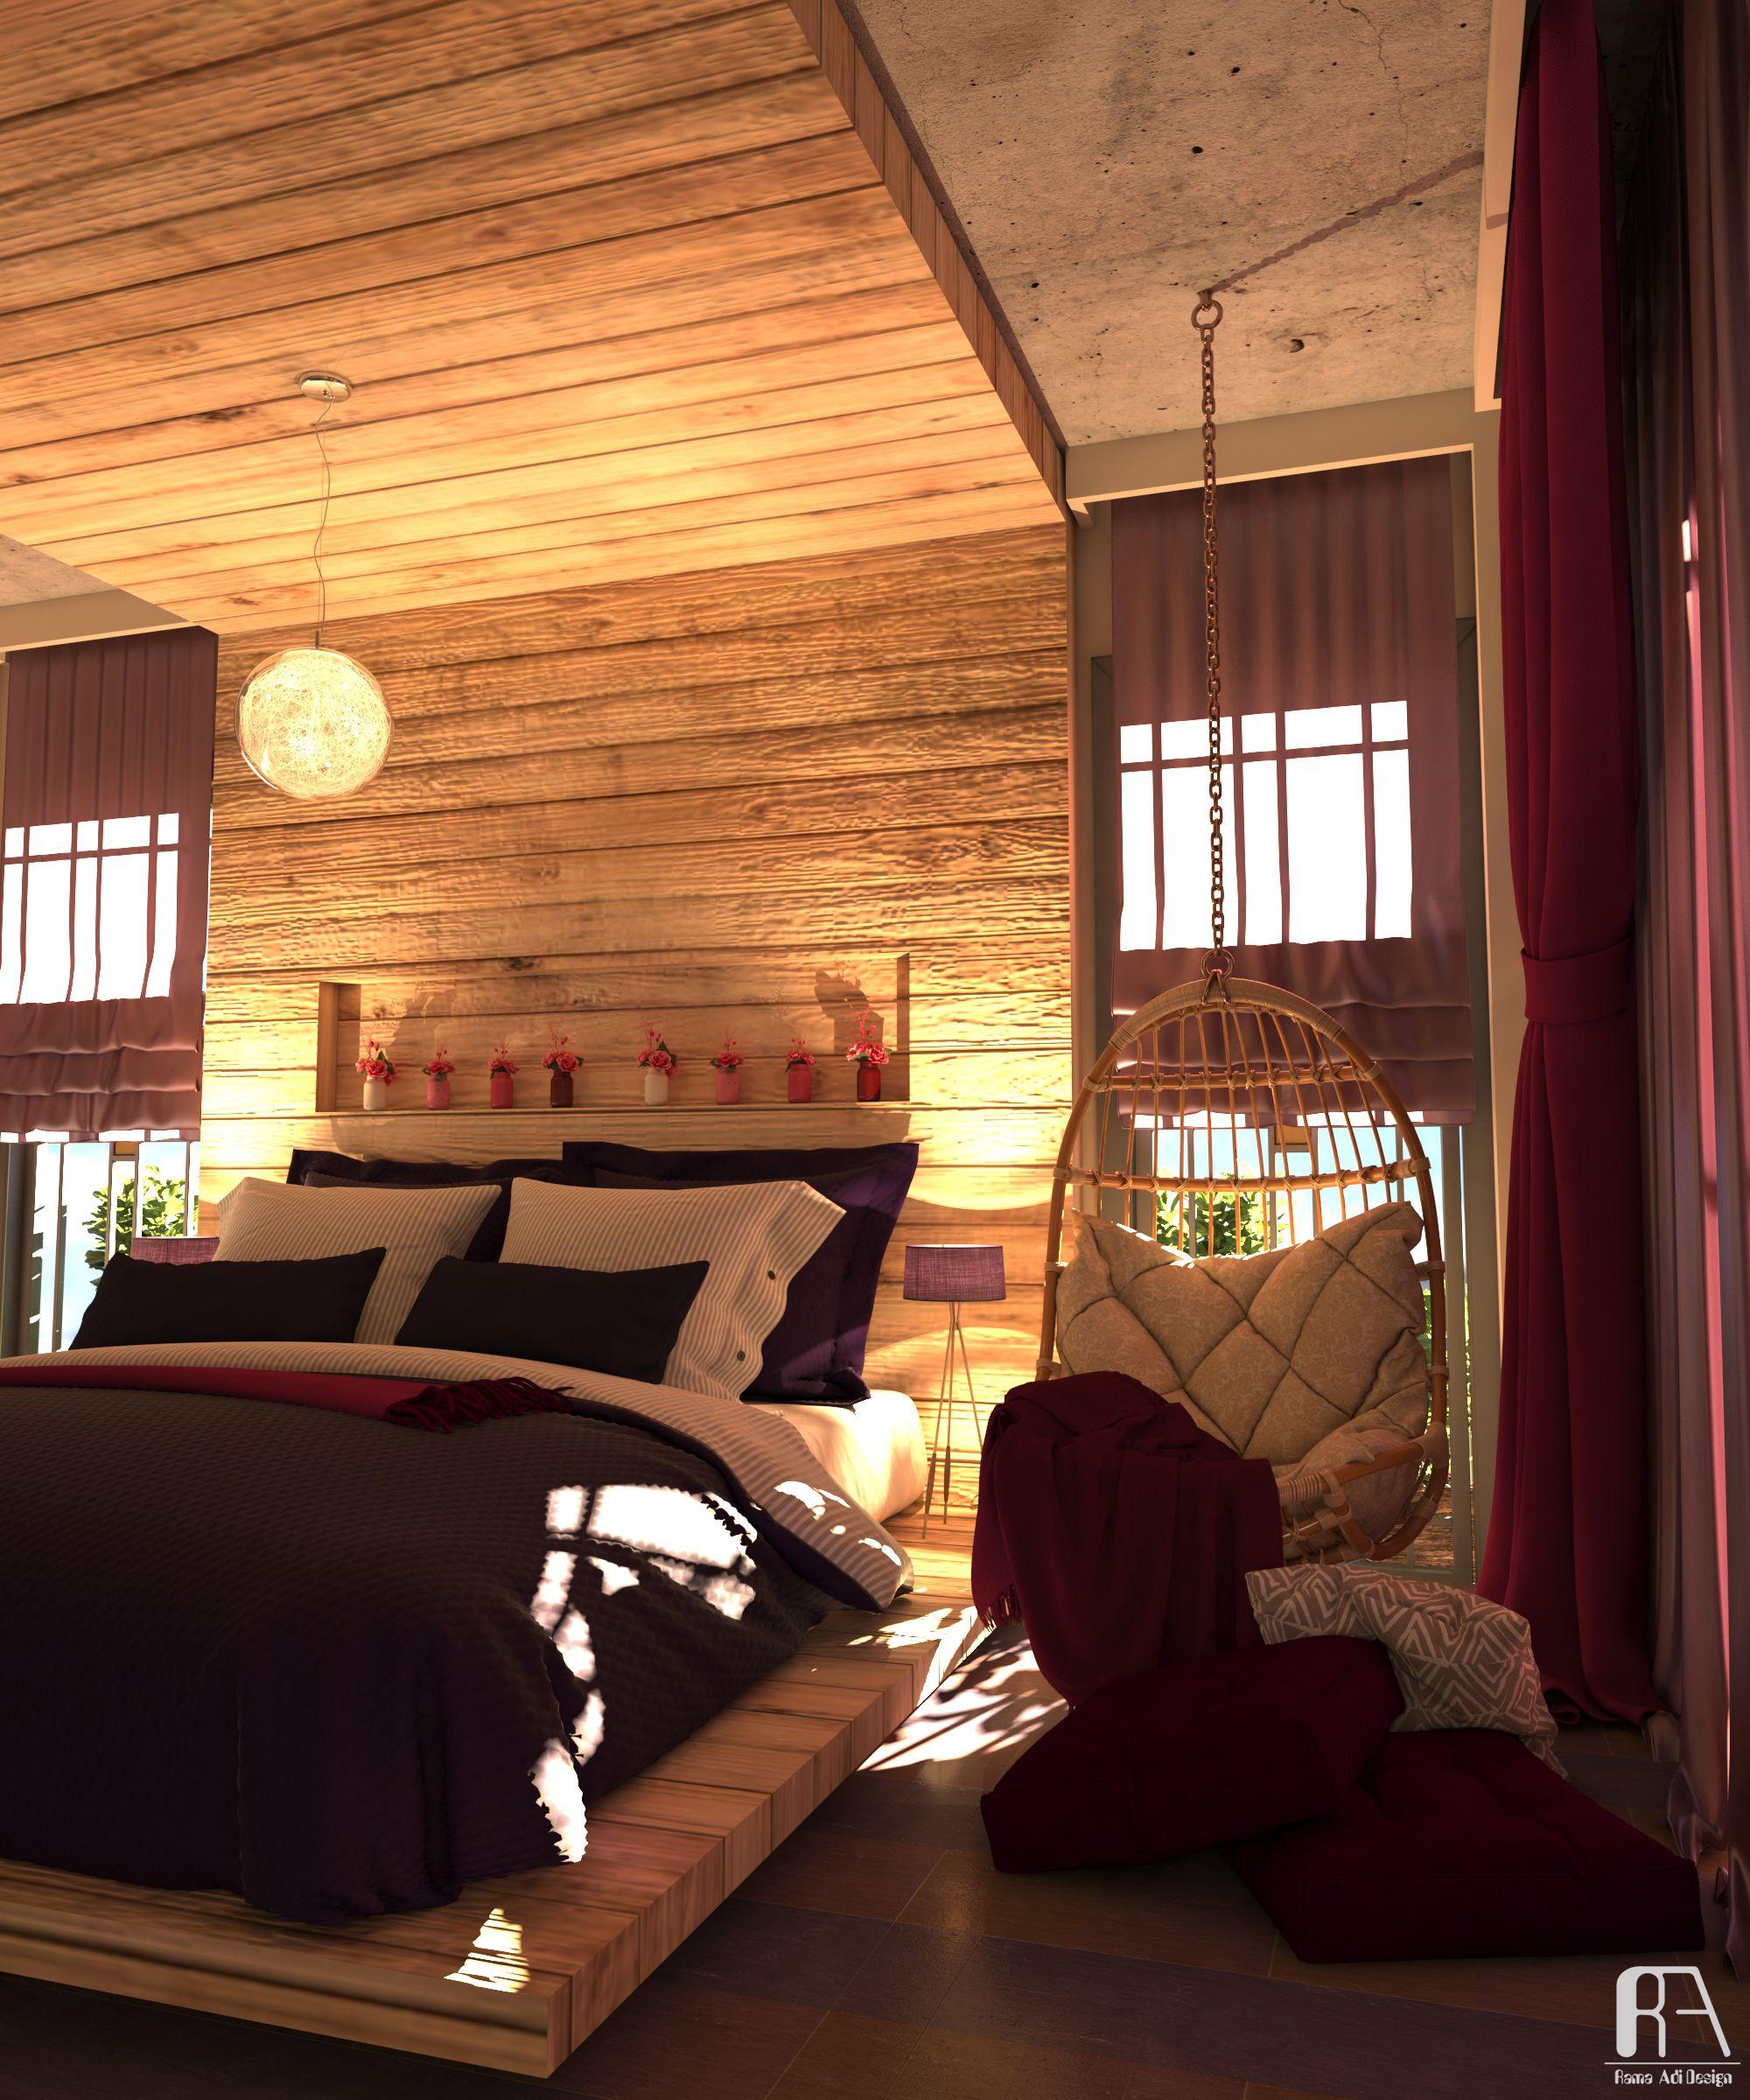 2 bedroom interior design bedroom interior design view  interiordersign dmaxvray render